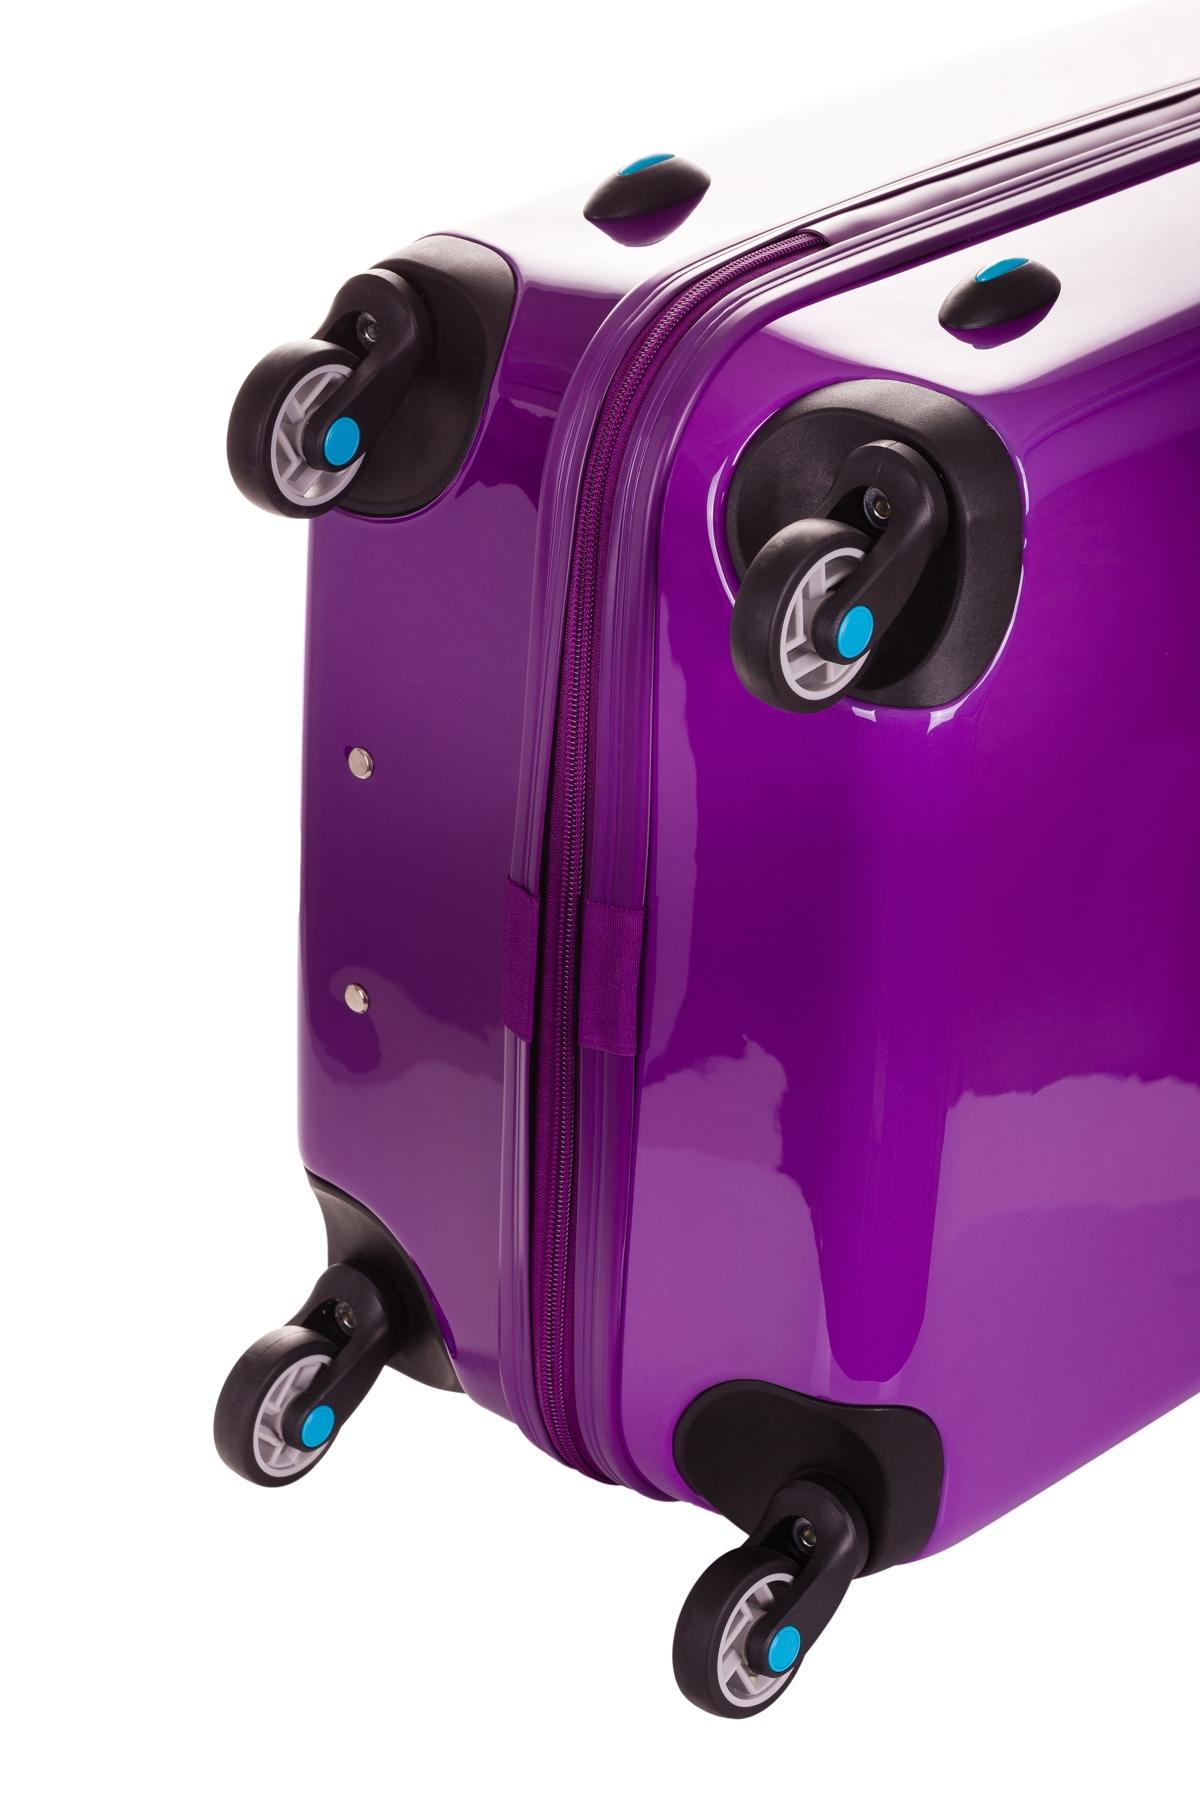 BG Berlin Tri Color M Purple Bloom Škrupinový cestovný kufor Tri Color s nadčasovým designom vznikol so zámerom skĺbiť osvedčenú klasiku s najnovšími módnymi trendami.  Pružná, ale odolná škrupina spoľahlivo ochráni vaše veci uložené v prakticky rozčlenenom interiéri.  - 4 kolieska EASY HOP s 360° rotáciou pre bezproblémovú jazdu - teleskopická rúčka - kvalitné YKK zipsy - spoľahlivý TSA zámok esteticky zabudovaný do tela kufra - vnútorný priestor delený na dve polovice - zipsová prepážka s niekoľkými menšími vreckami na drobnosti - kompresné popruhy v oboch komorách kufra - pružný a napriek tomu odolný materiál - stredná veľkosť ideálna pre týždennú dovolenku či presuny na internát